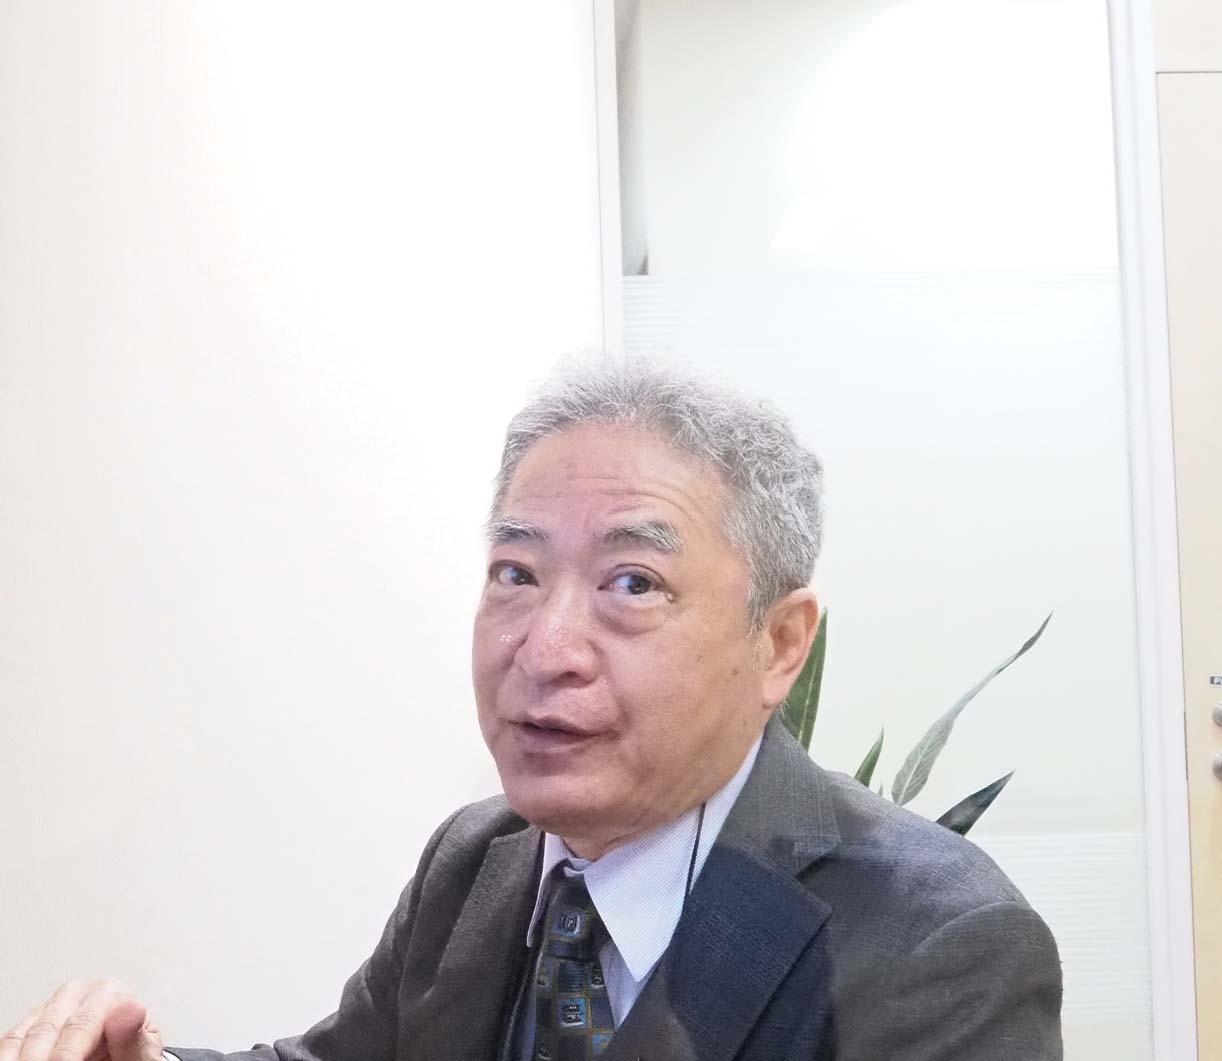 シリーズ;東京「人口減」をどうみるか④ 空室率は0.5%前後拡大、コロナ後は回復ータス(下)